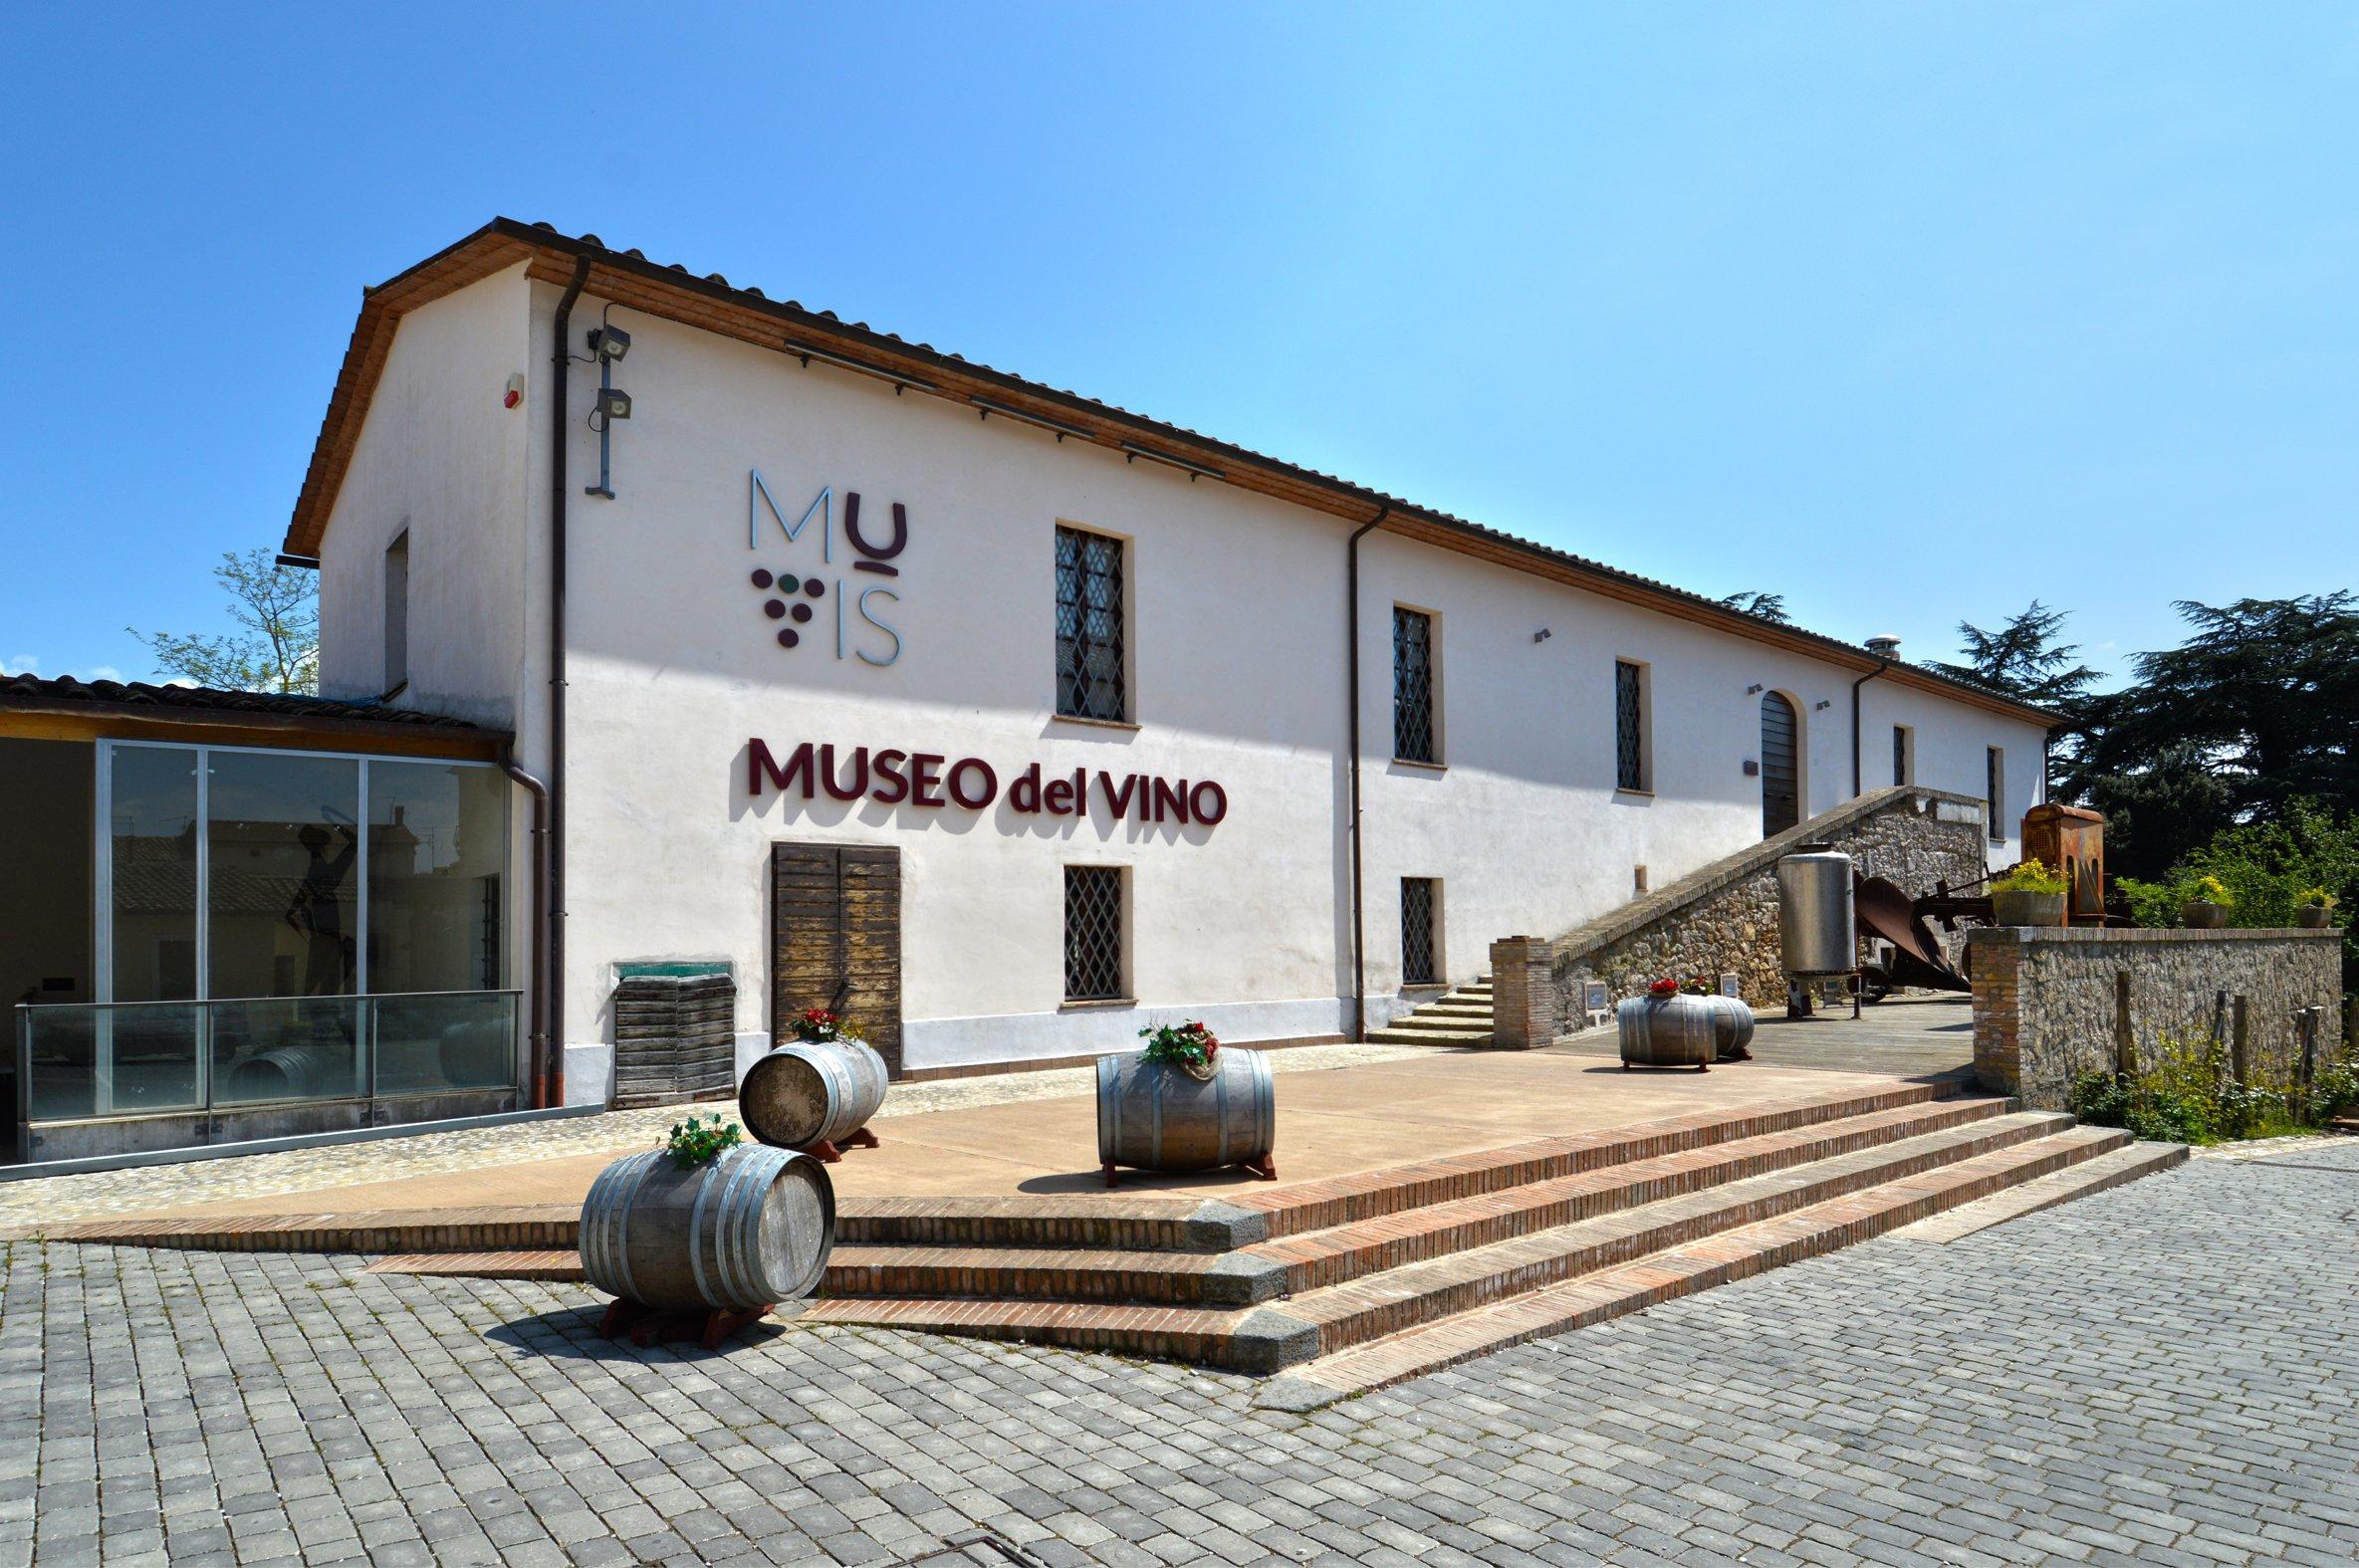 MUVIS Museo del vino Castiglione in Teverina